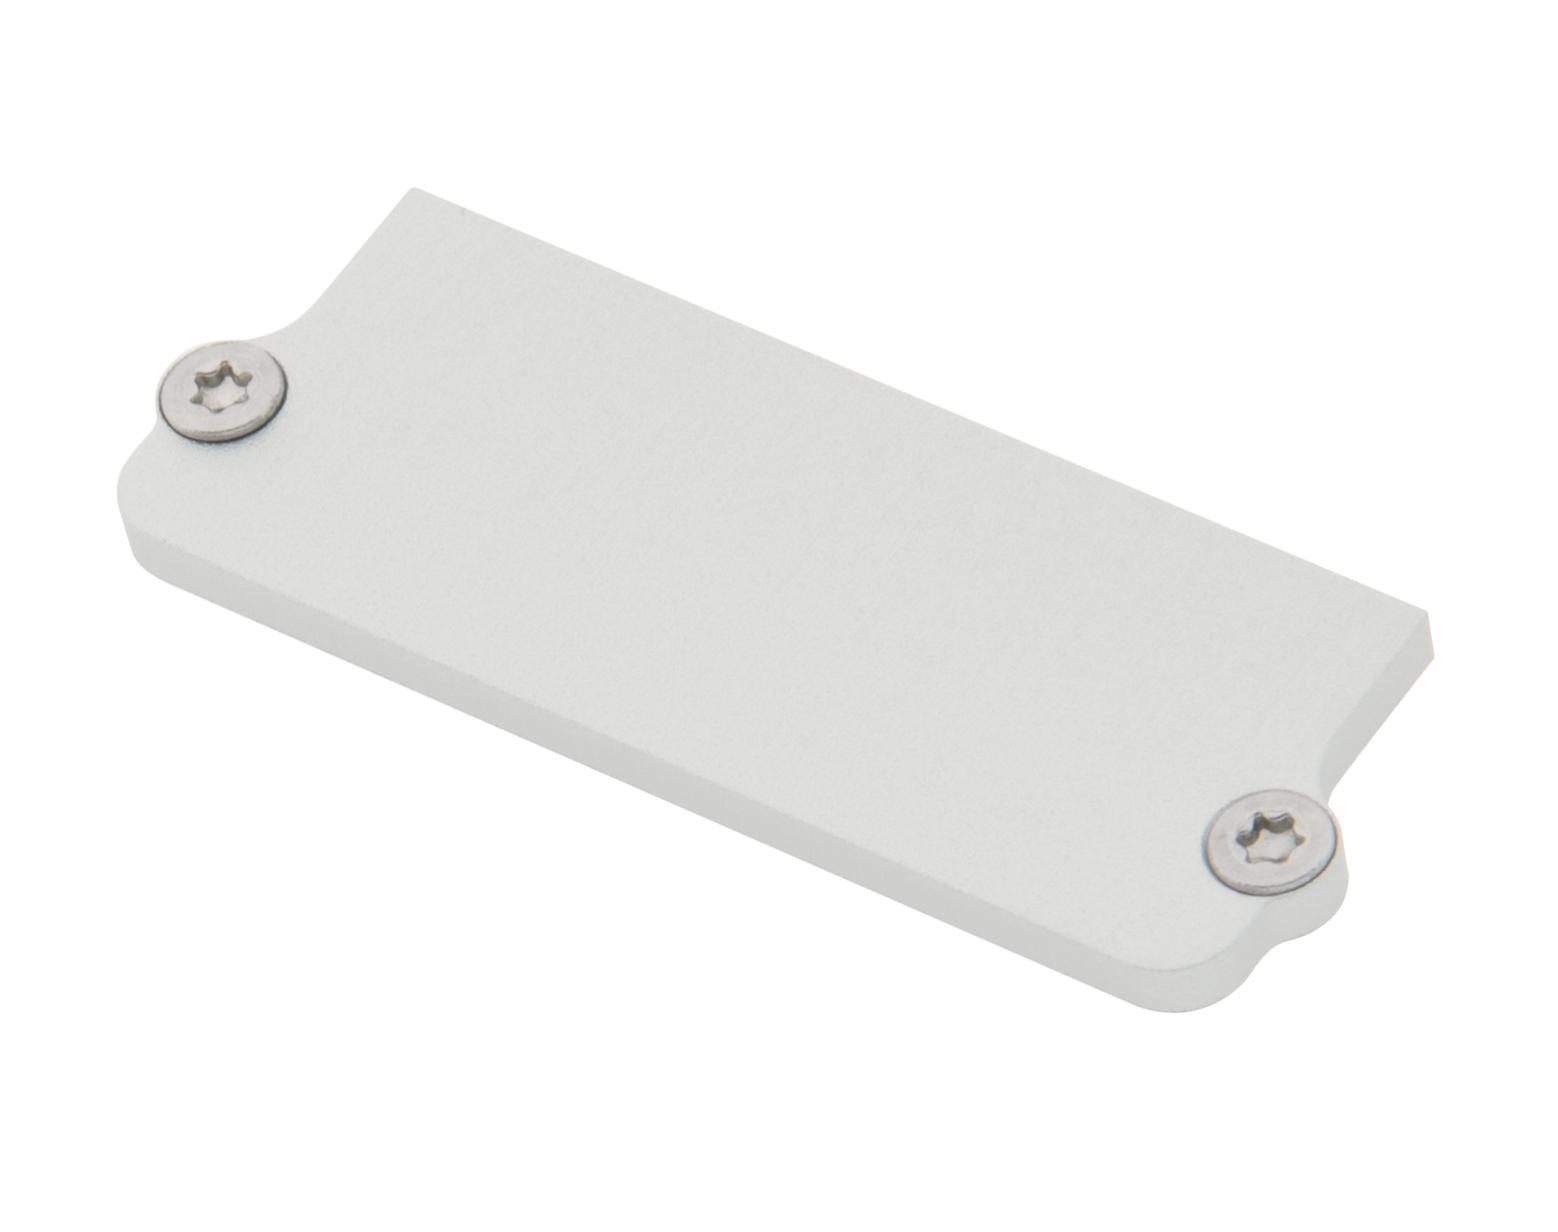 1 Stk Profil Endkappe Modul Einsatz SL inkl. Schrauben LIEK003001